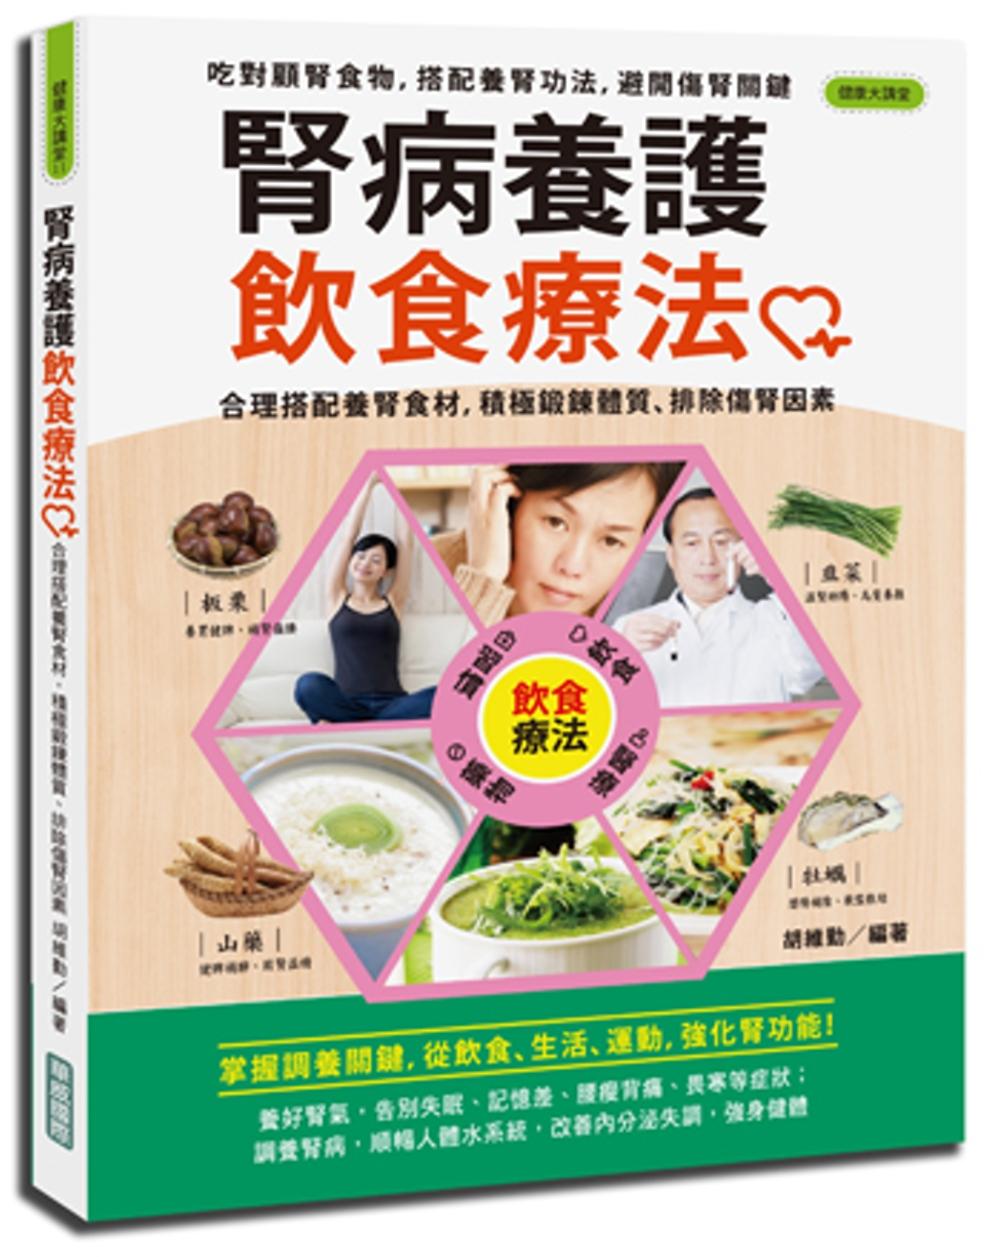 腎病養護飲食療法:合理 養腎食材,積極鍛鍊體質、排除傷腎因